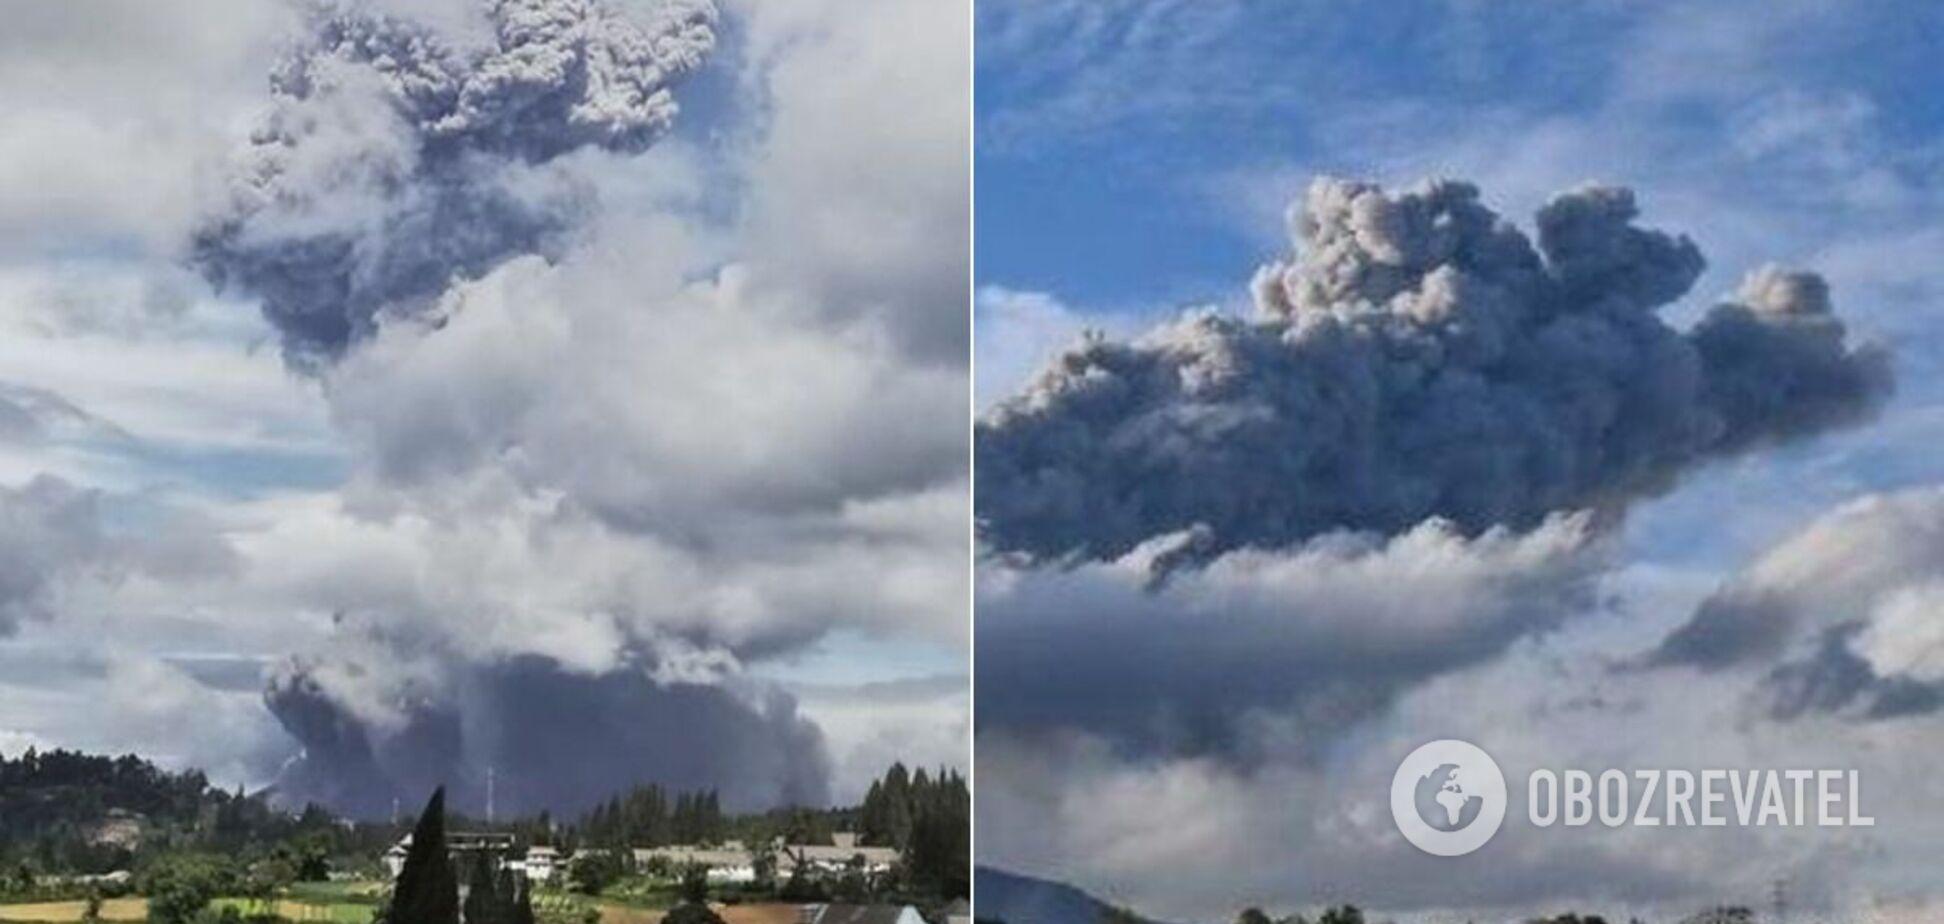 Пепел из вулкана уже охватил несколько сел